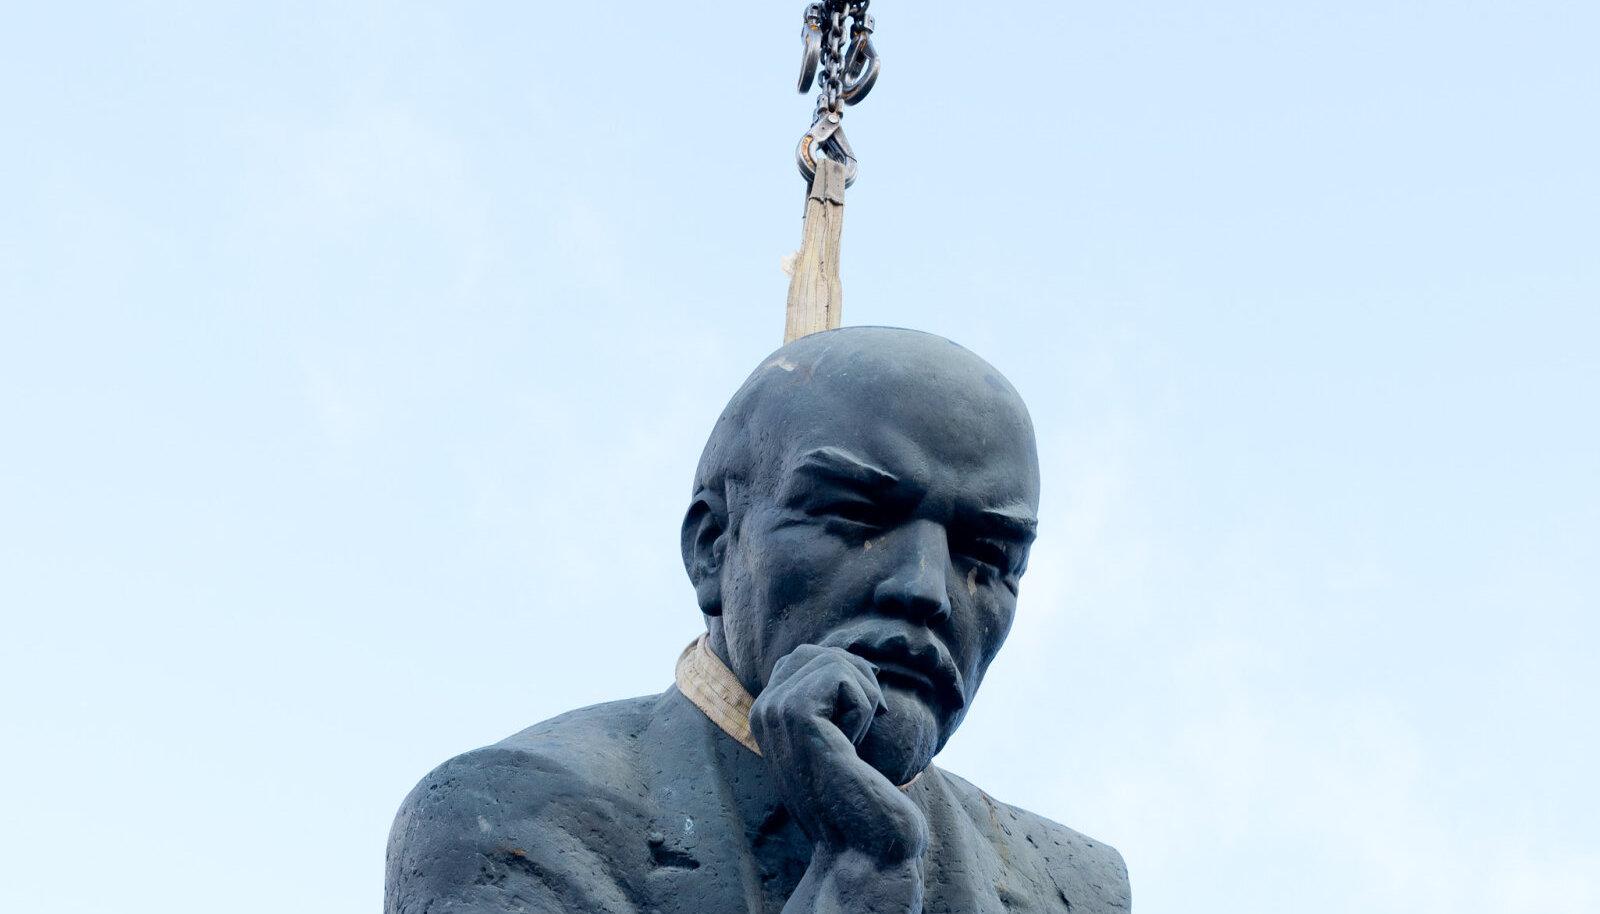 Õhus on Leninit.